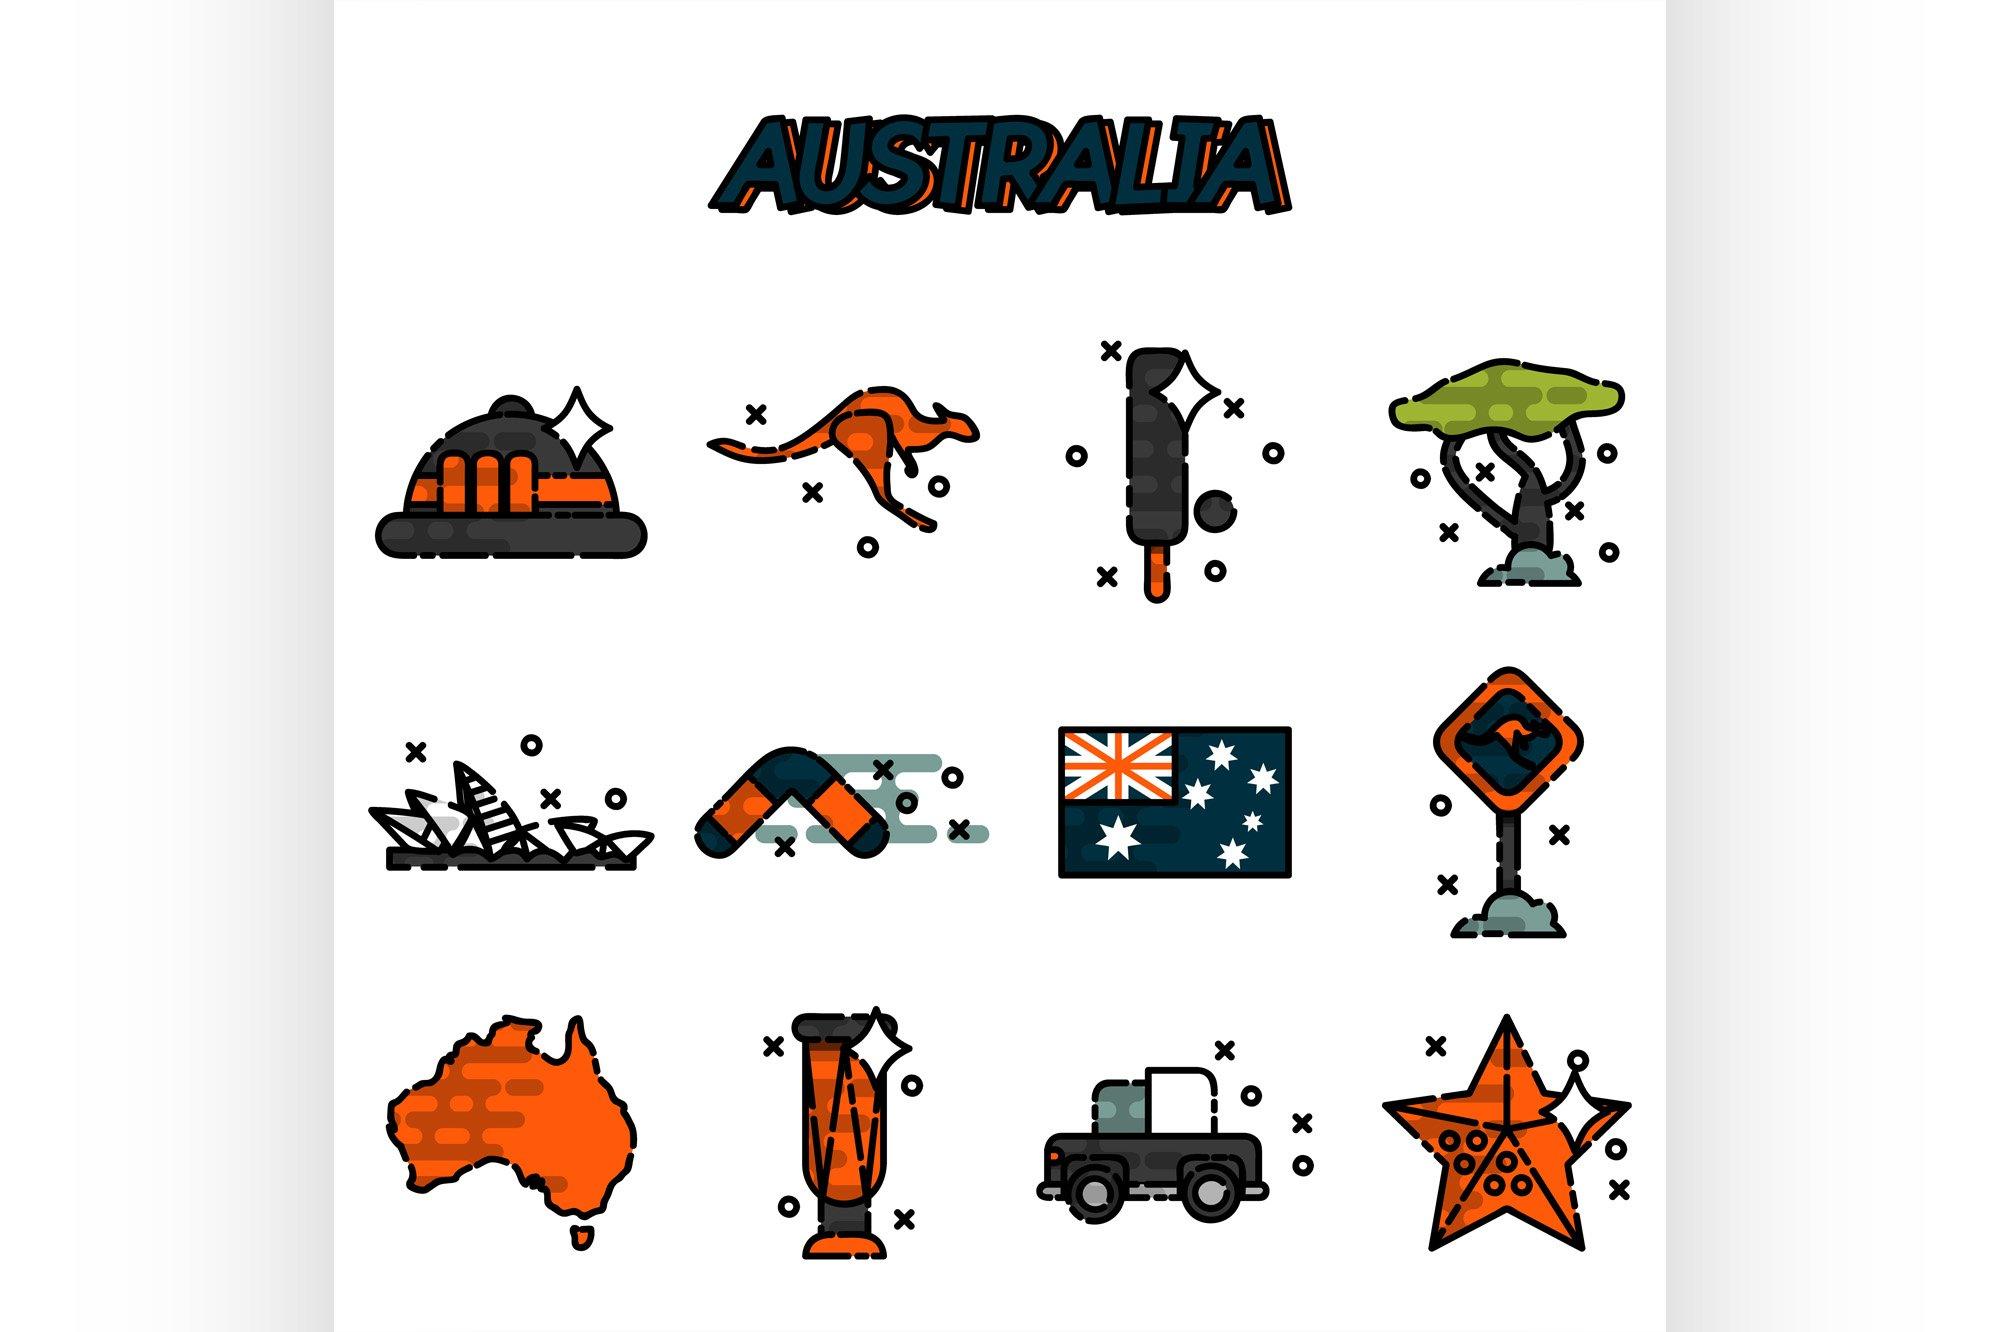 Australia flat icons set example image 1